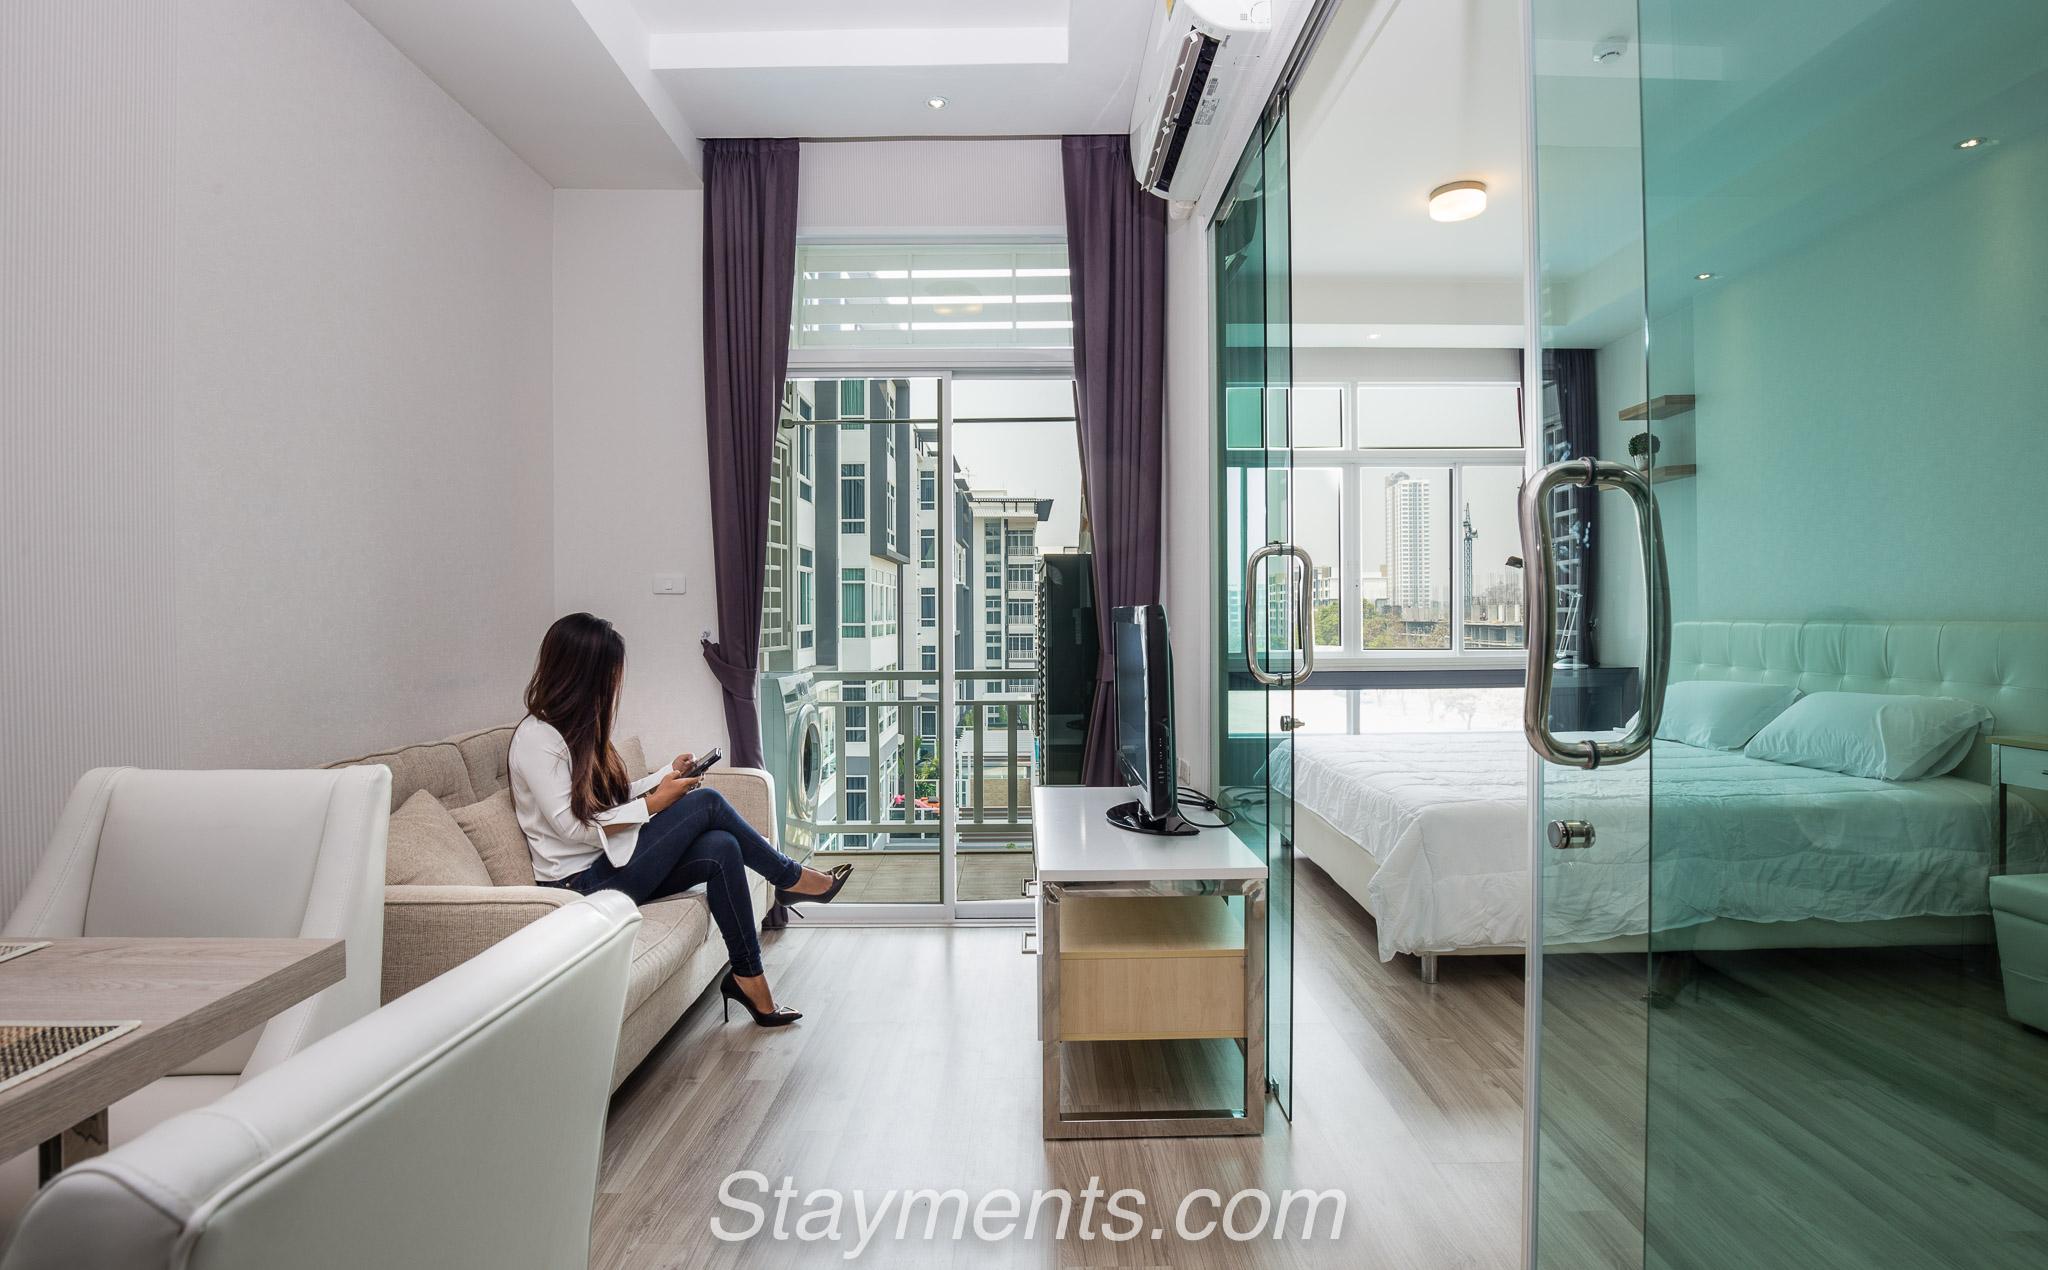 For Sale: Contemporary 1 Bedroom Condo near Central Festival.